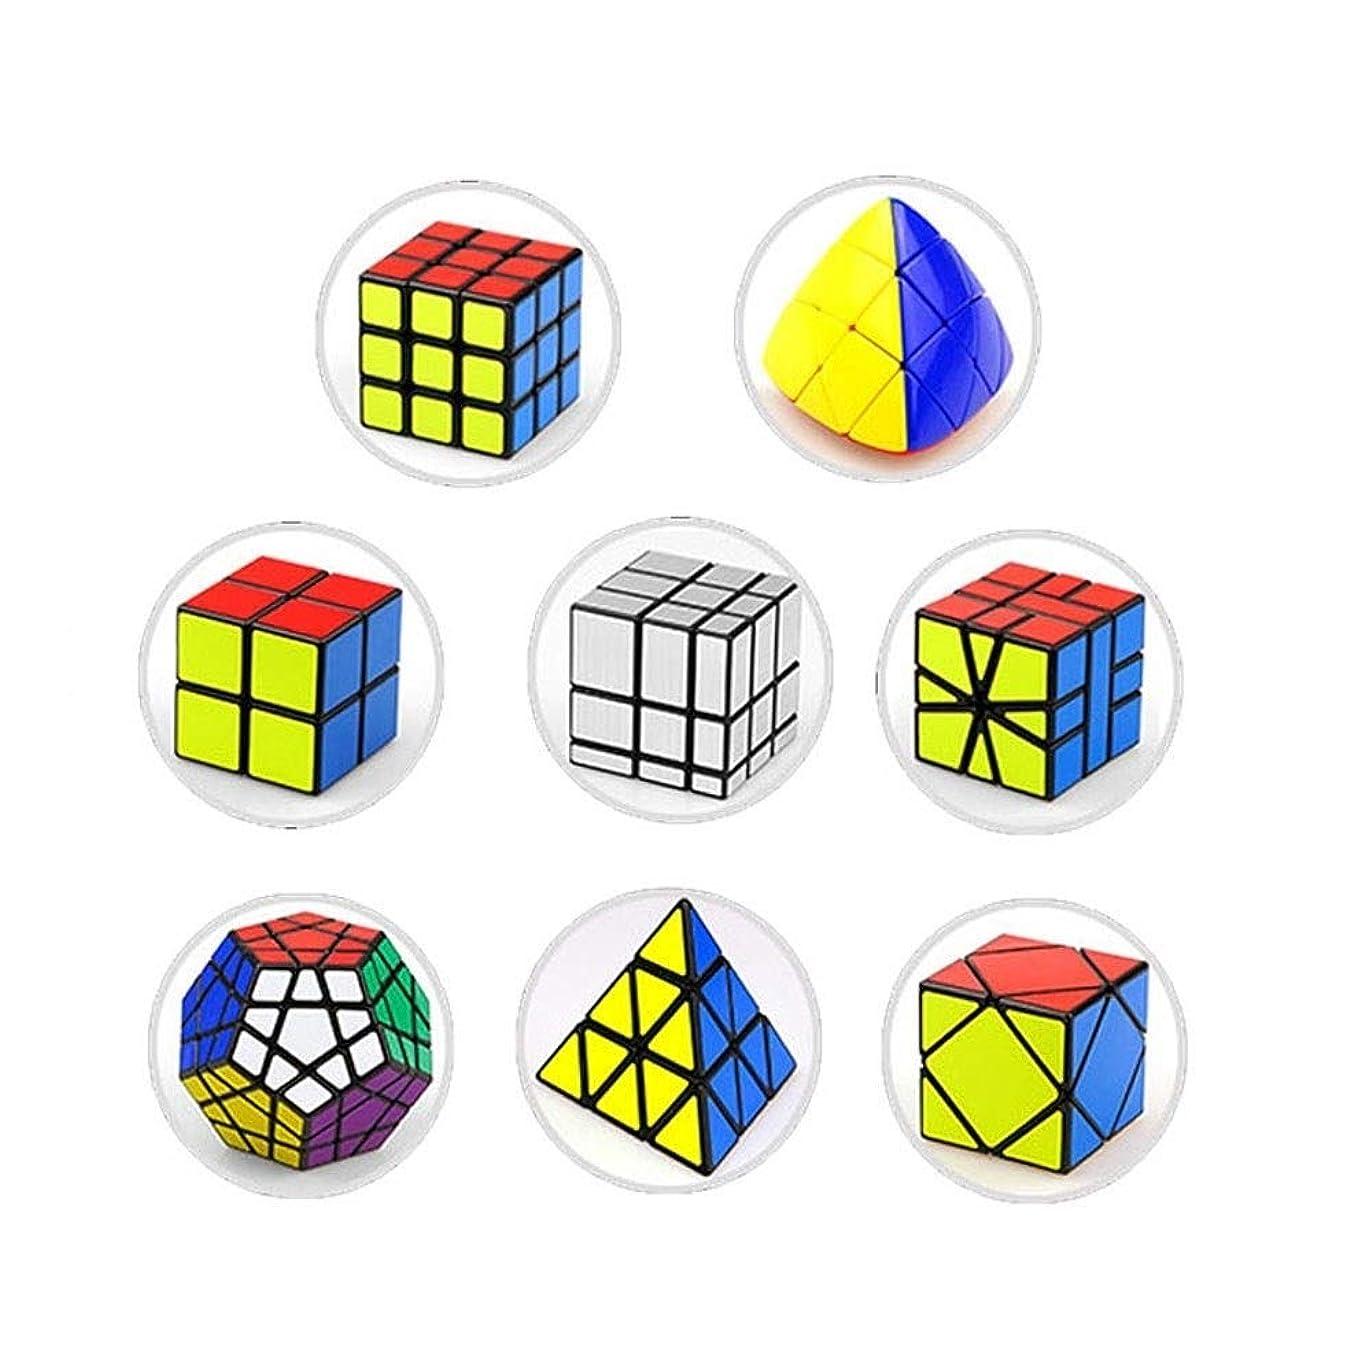 寛大な降下呪われた滑らかで快適なルービックキューブのあらゆるスタイルに適したルービックキューブは、パズルに人々を送るためのギフトとして使用することができますプロフェッショナルルービックキューブセット(8セット) (Edition : Eight packages)